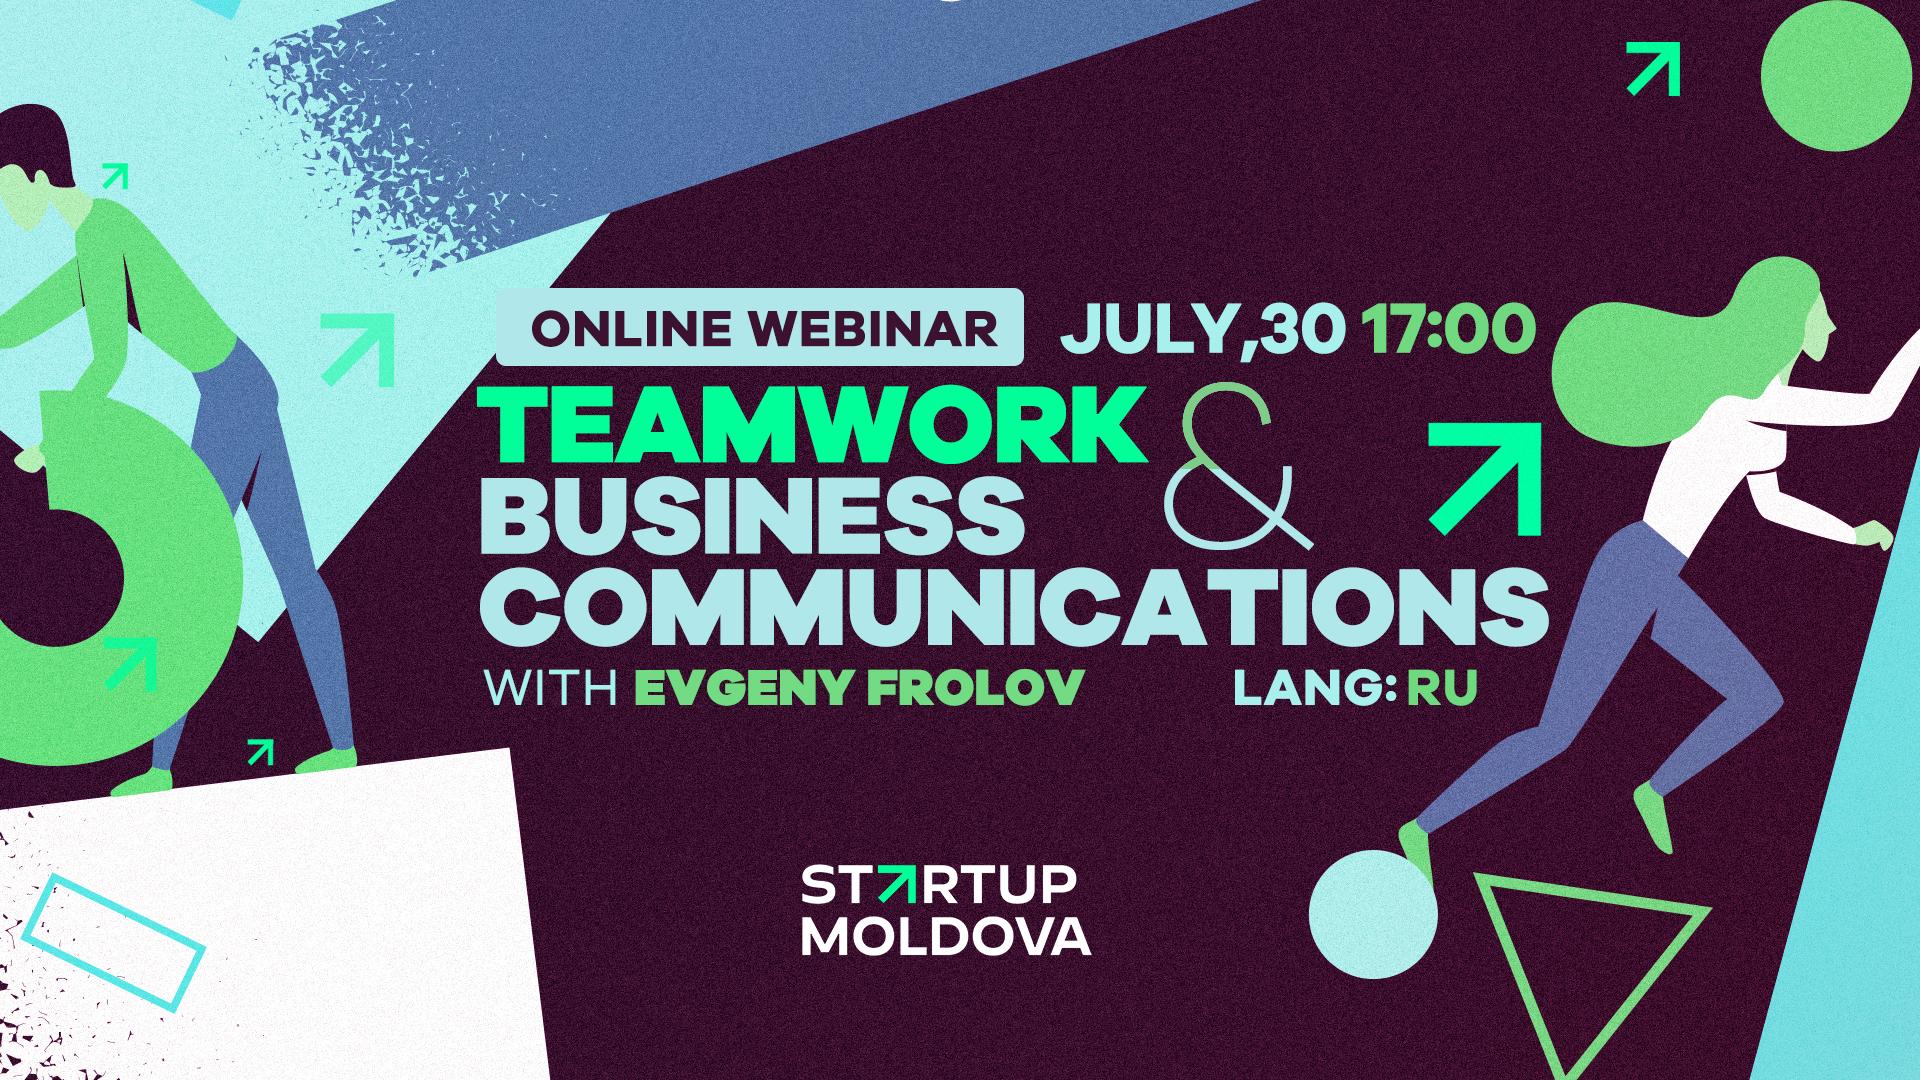 teamwork-webinar